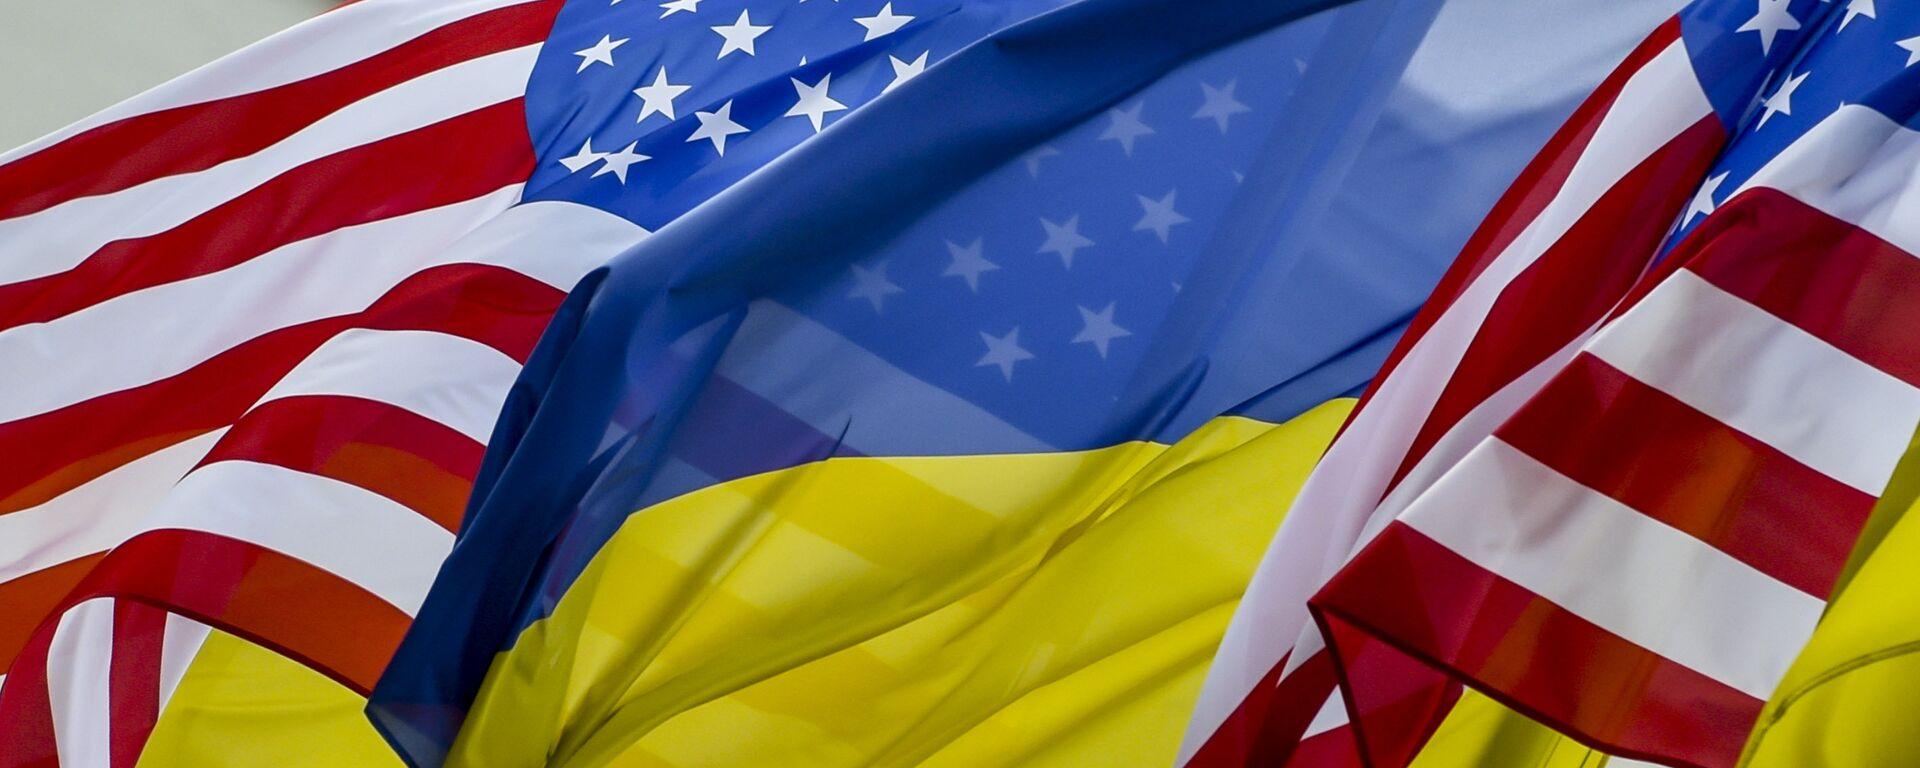 Флаги США и Украины - Sputnik Узбекистан, 1920, 08.06.2021